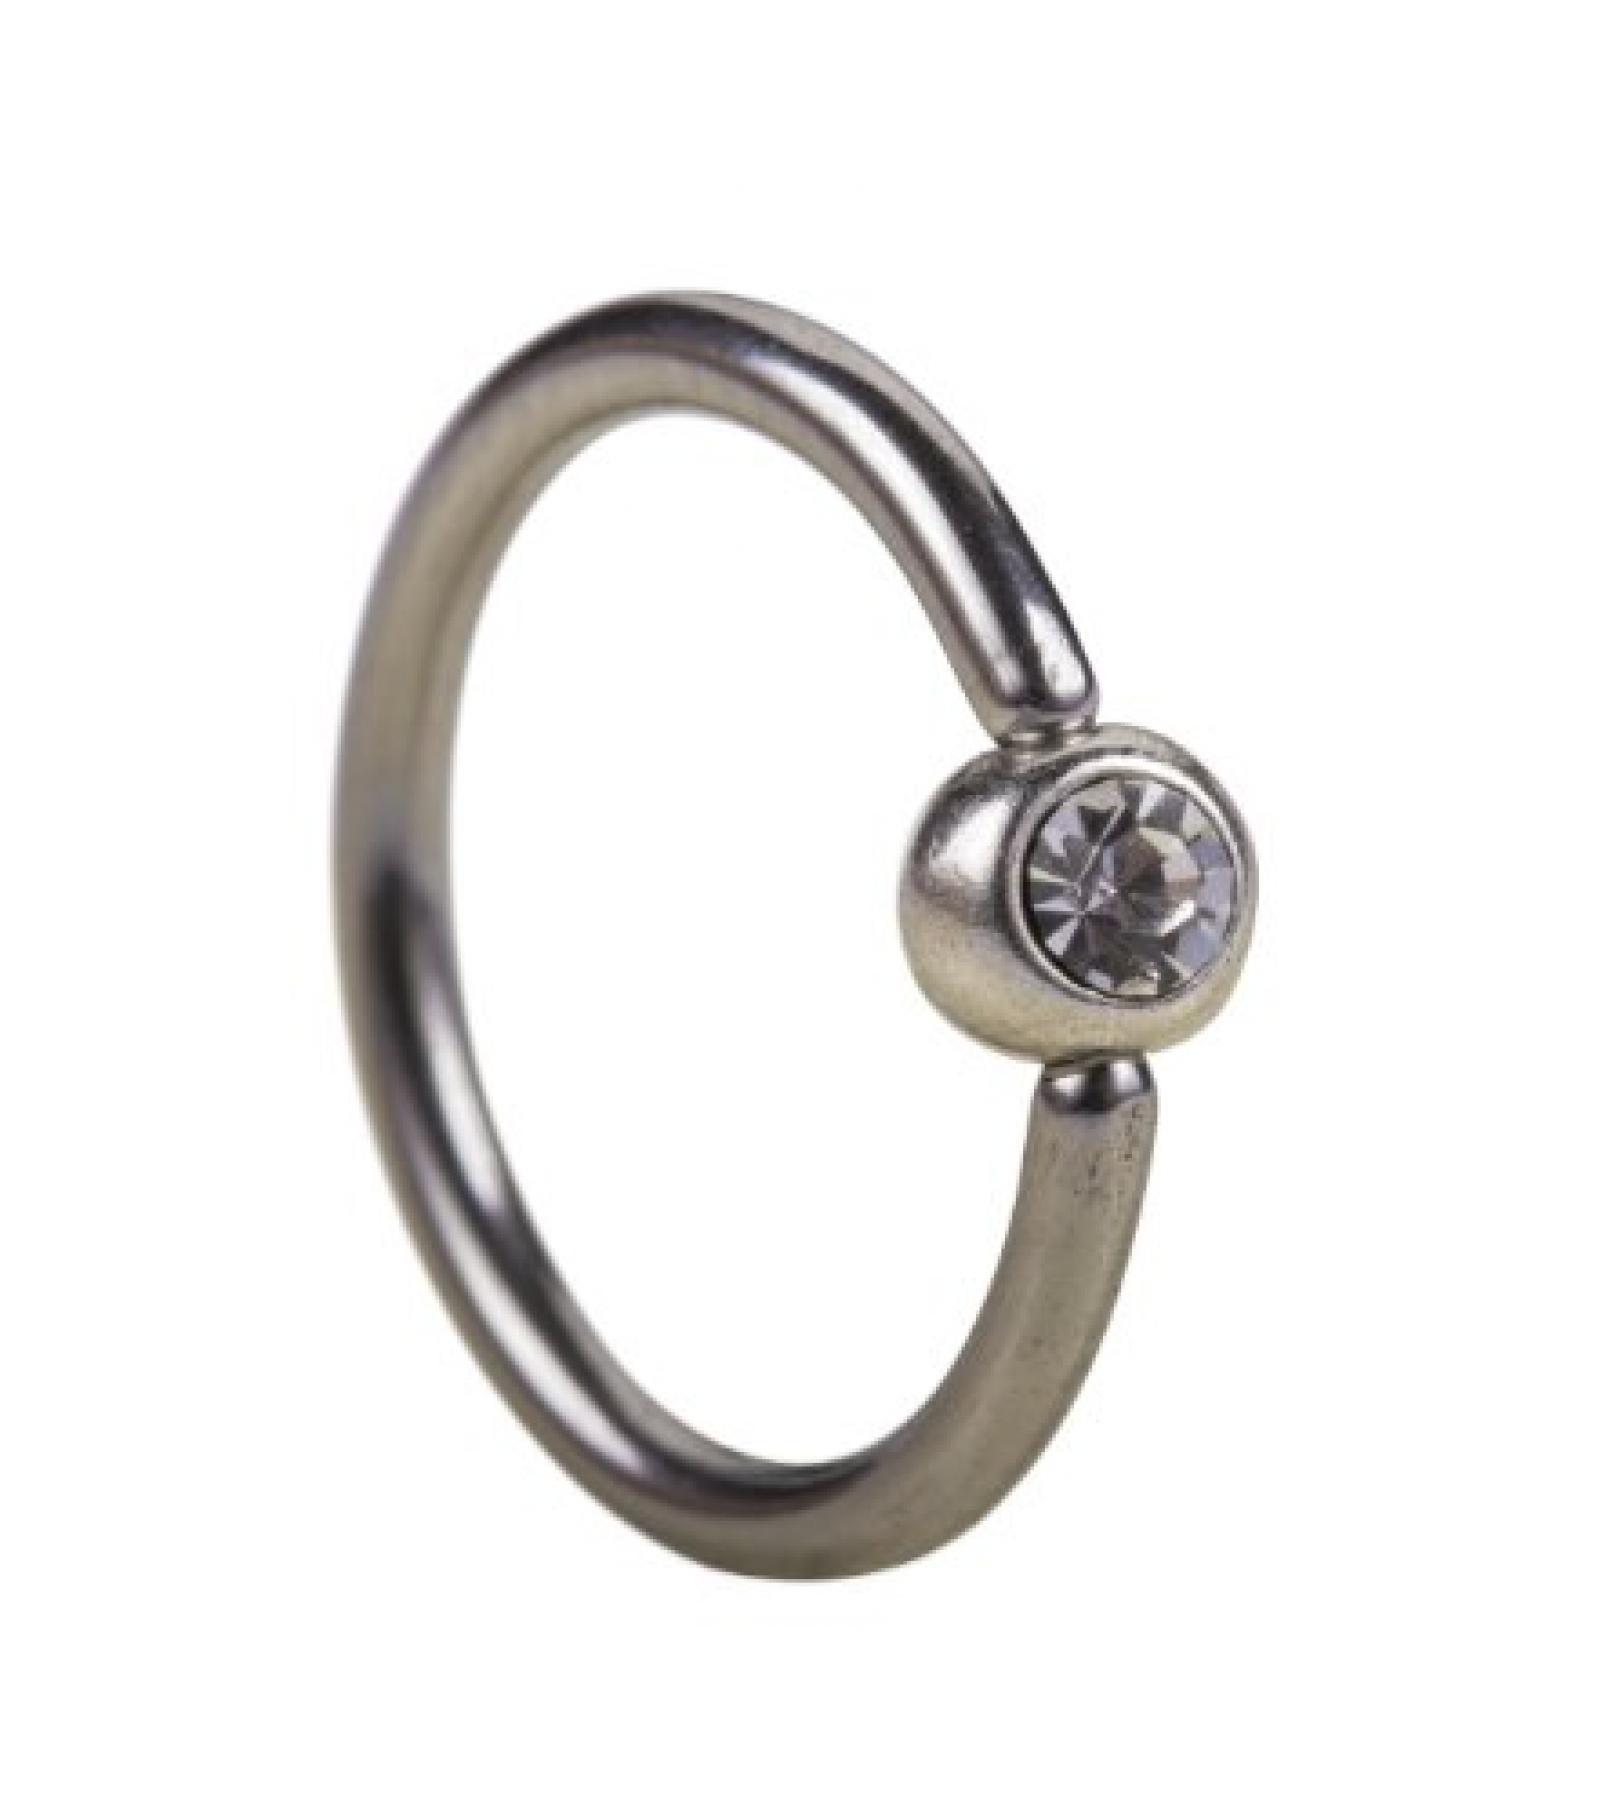 SIX Piercing-Ring aus echtem Silber mit kleiner Silber-Kugel (61-590)